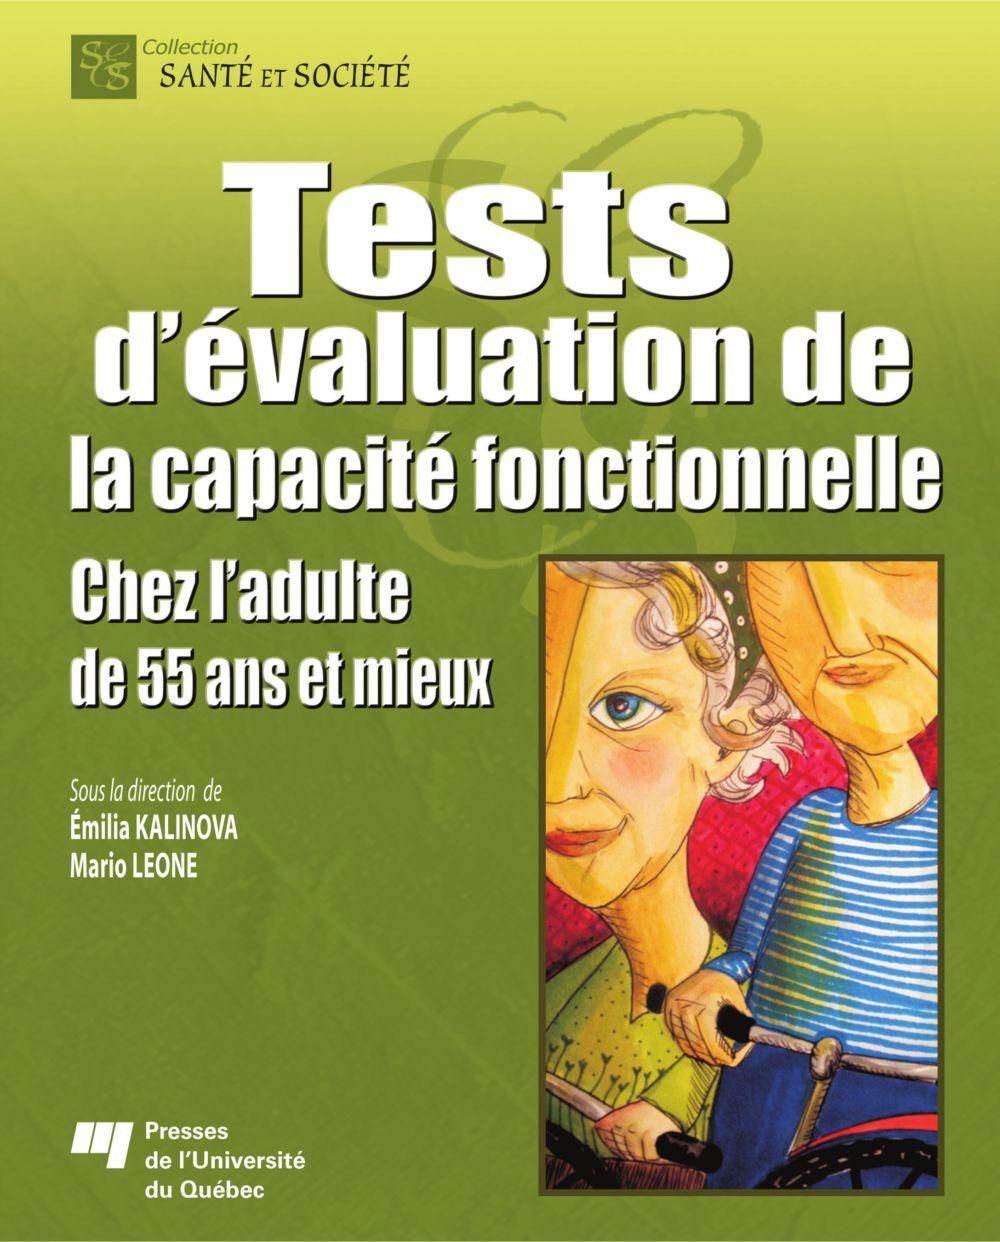 Tests d'évaluation de la capacité fonctionnelle chez l'adulte de 55 ans et mieux